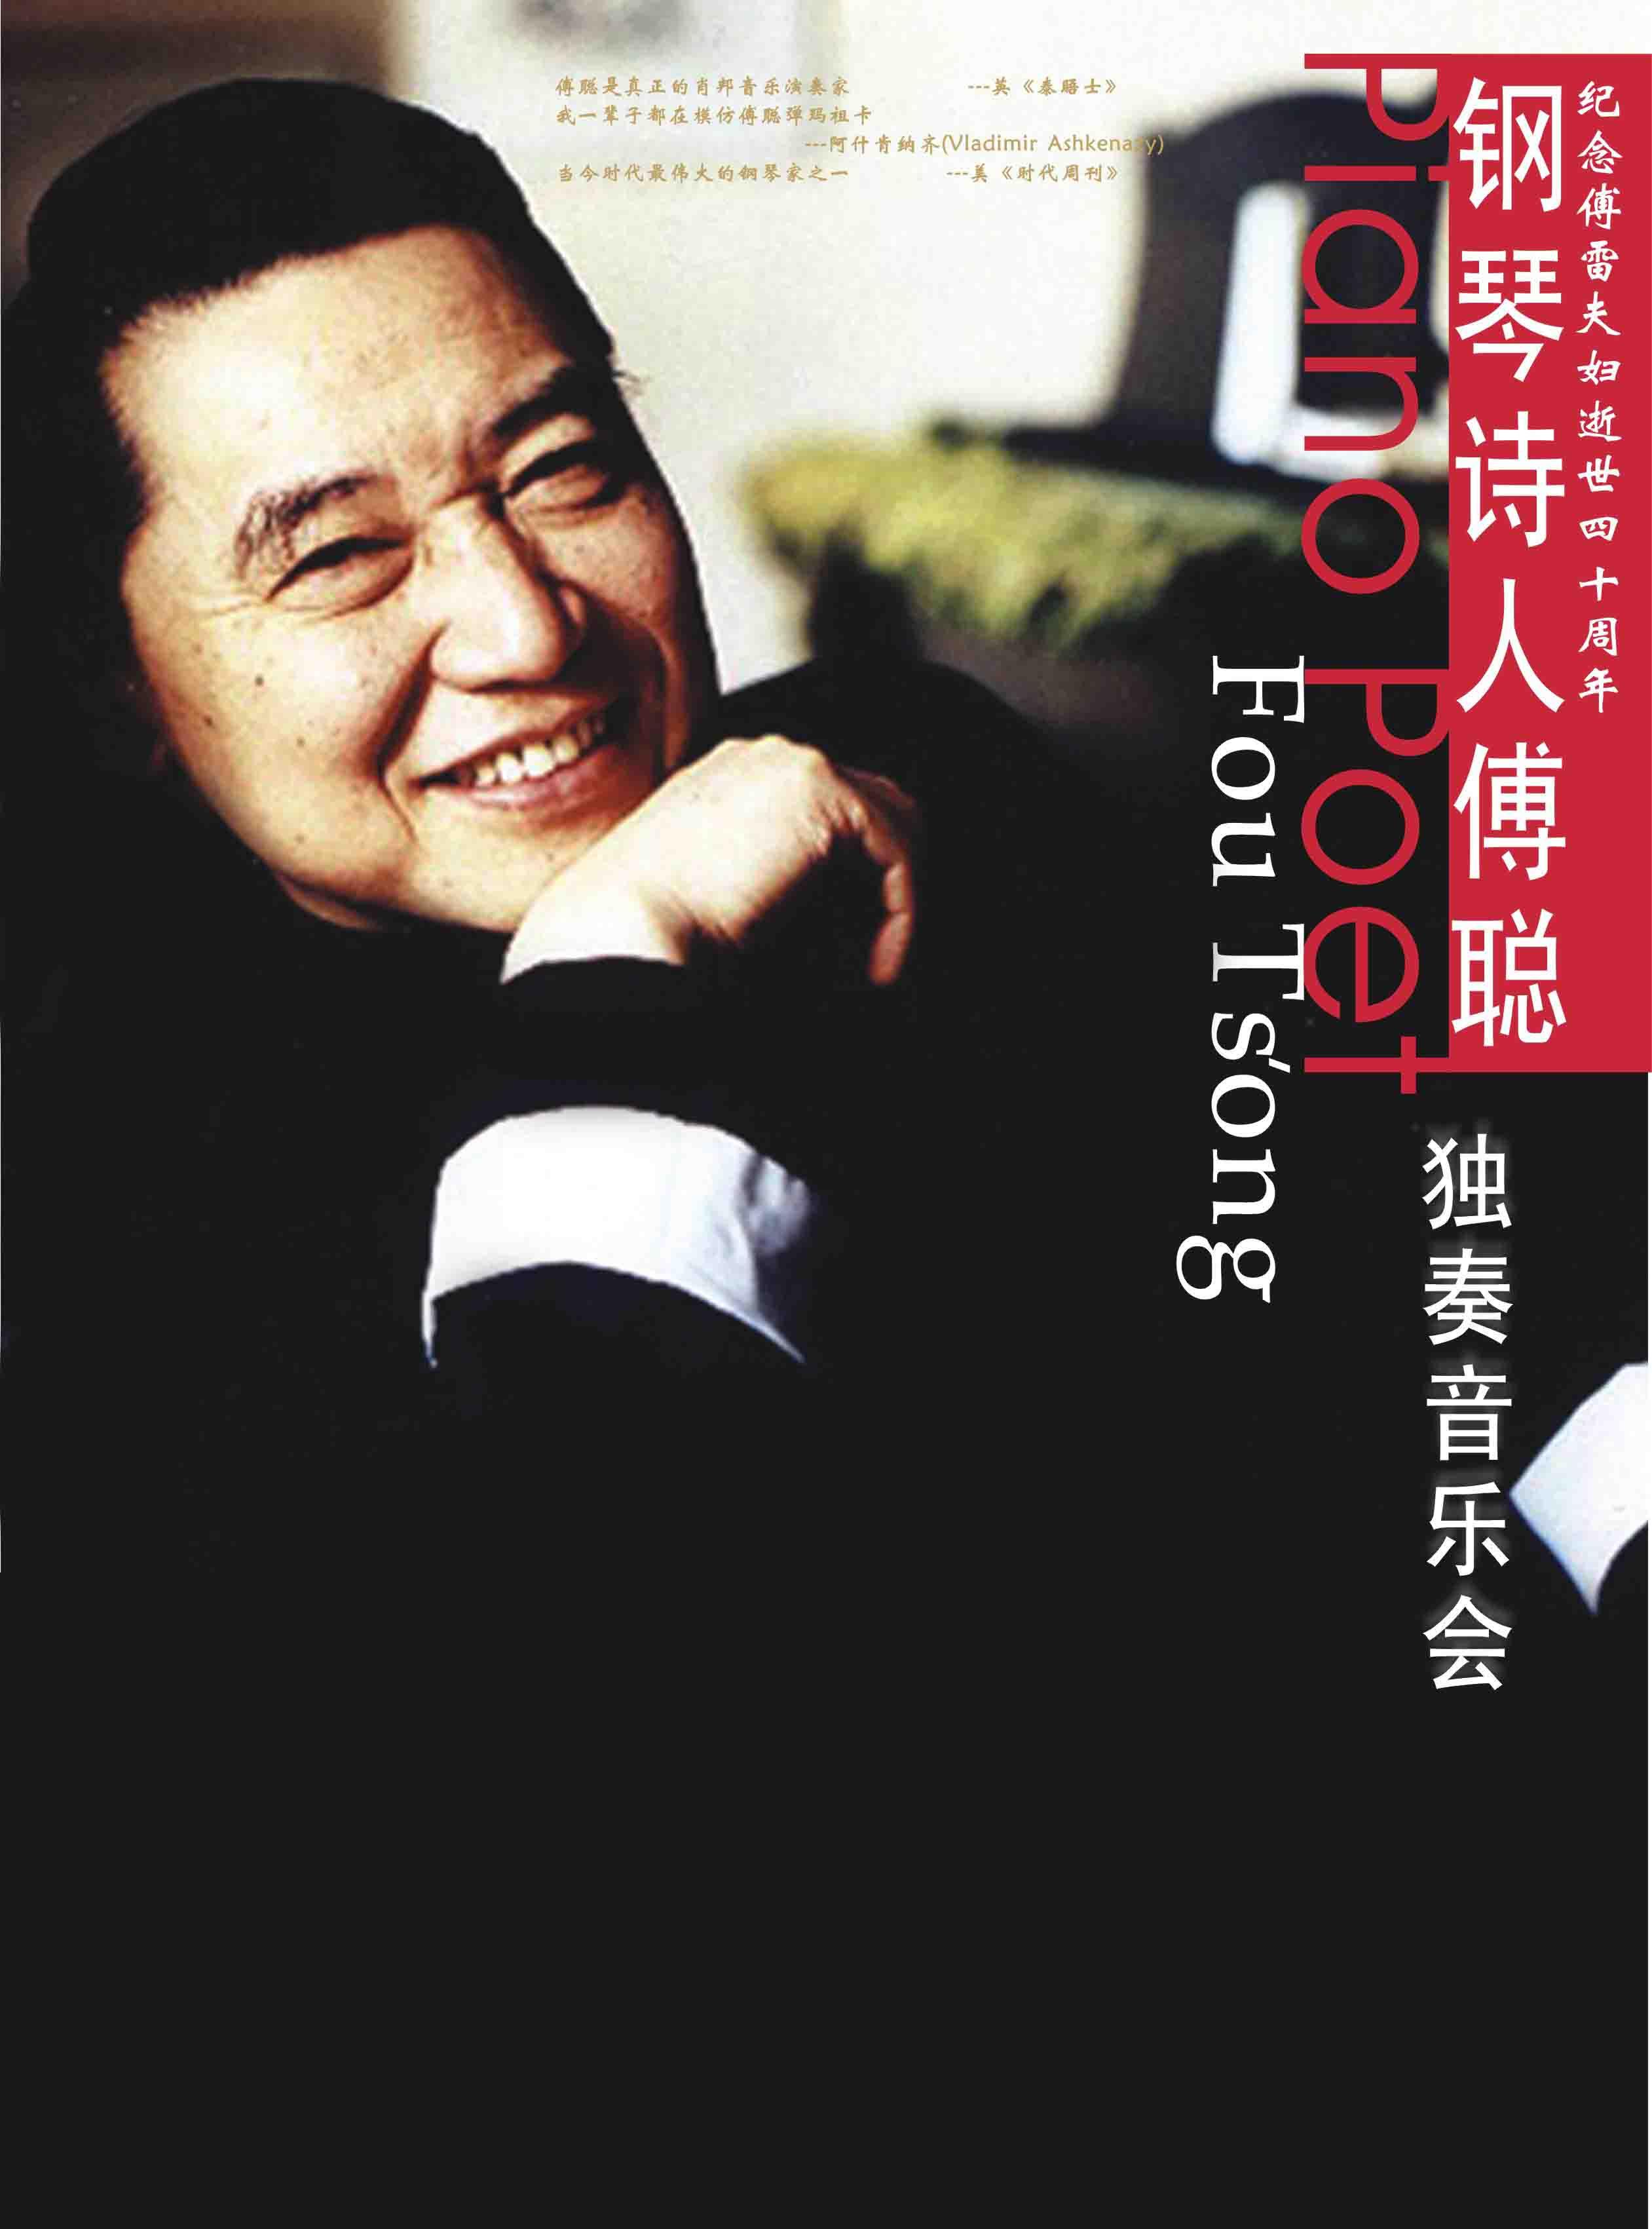 【紧急公告】《傅聪钢琴独奏音乐会》 演出取消通知